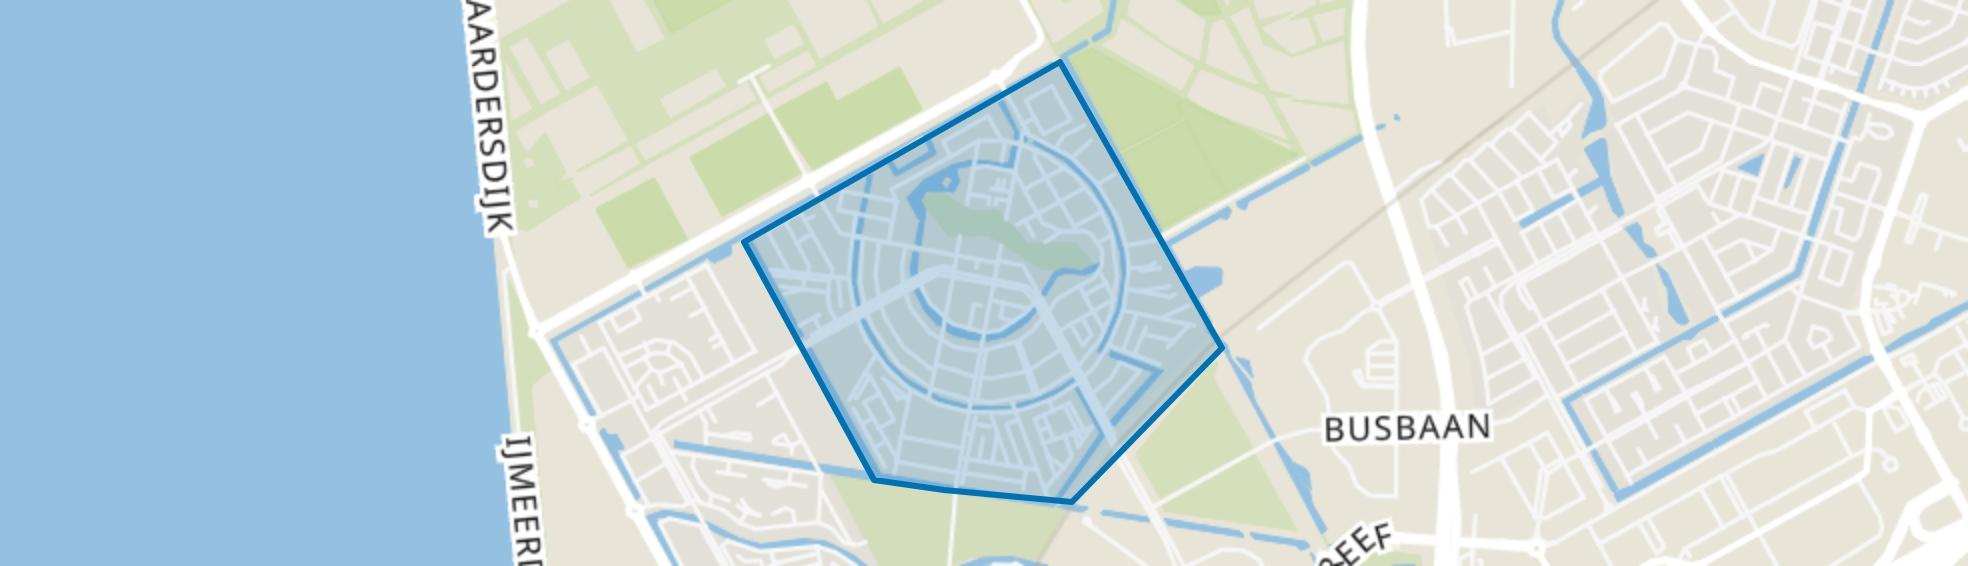 Homeruskwartier, Almere map